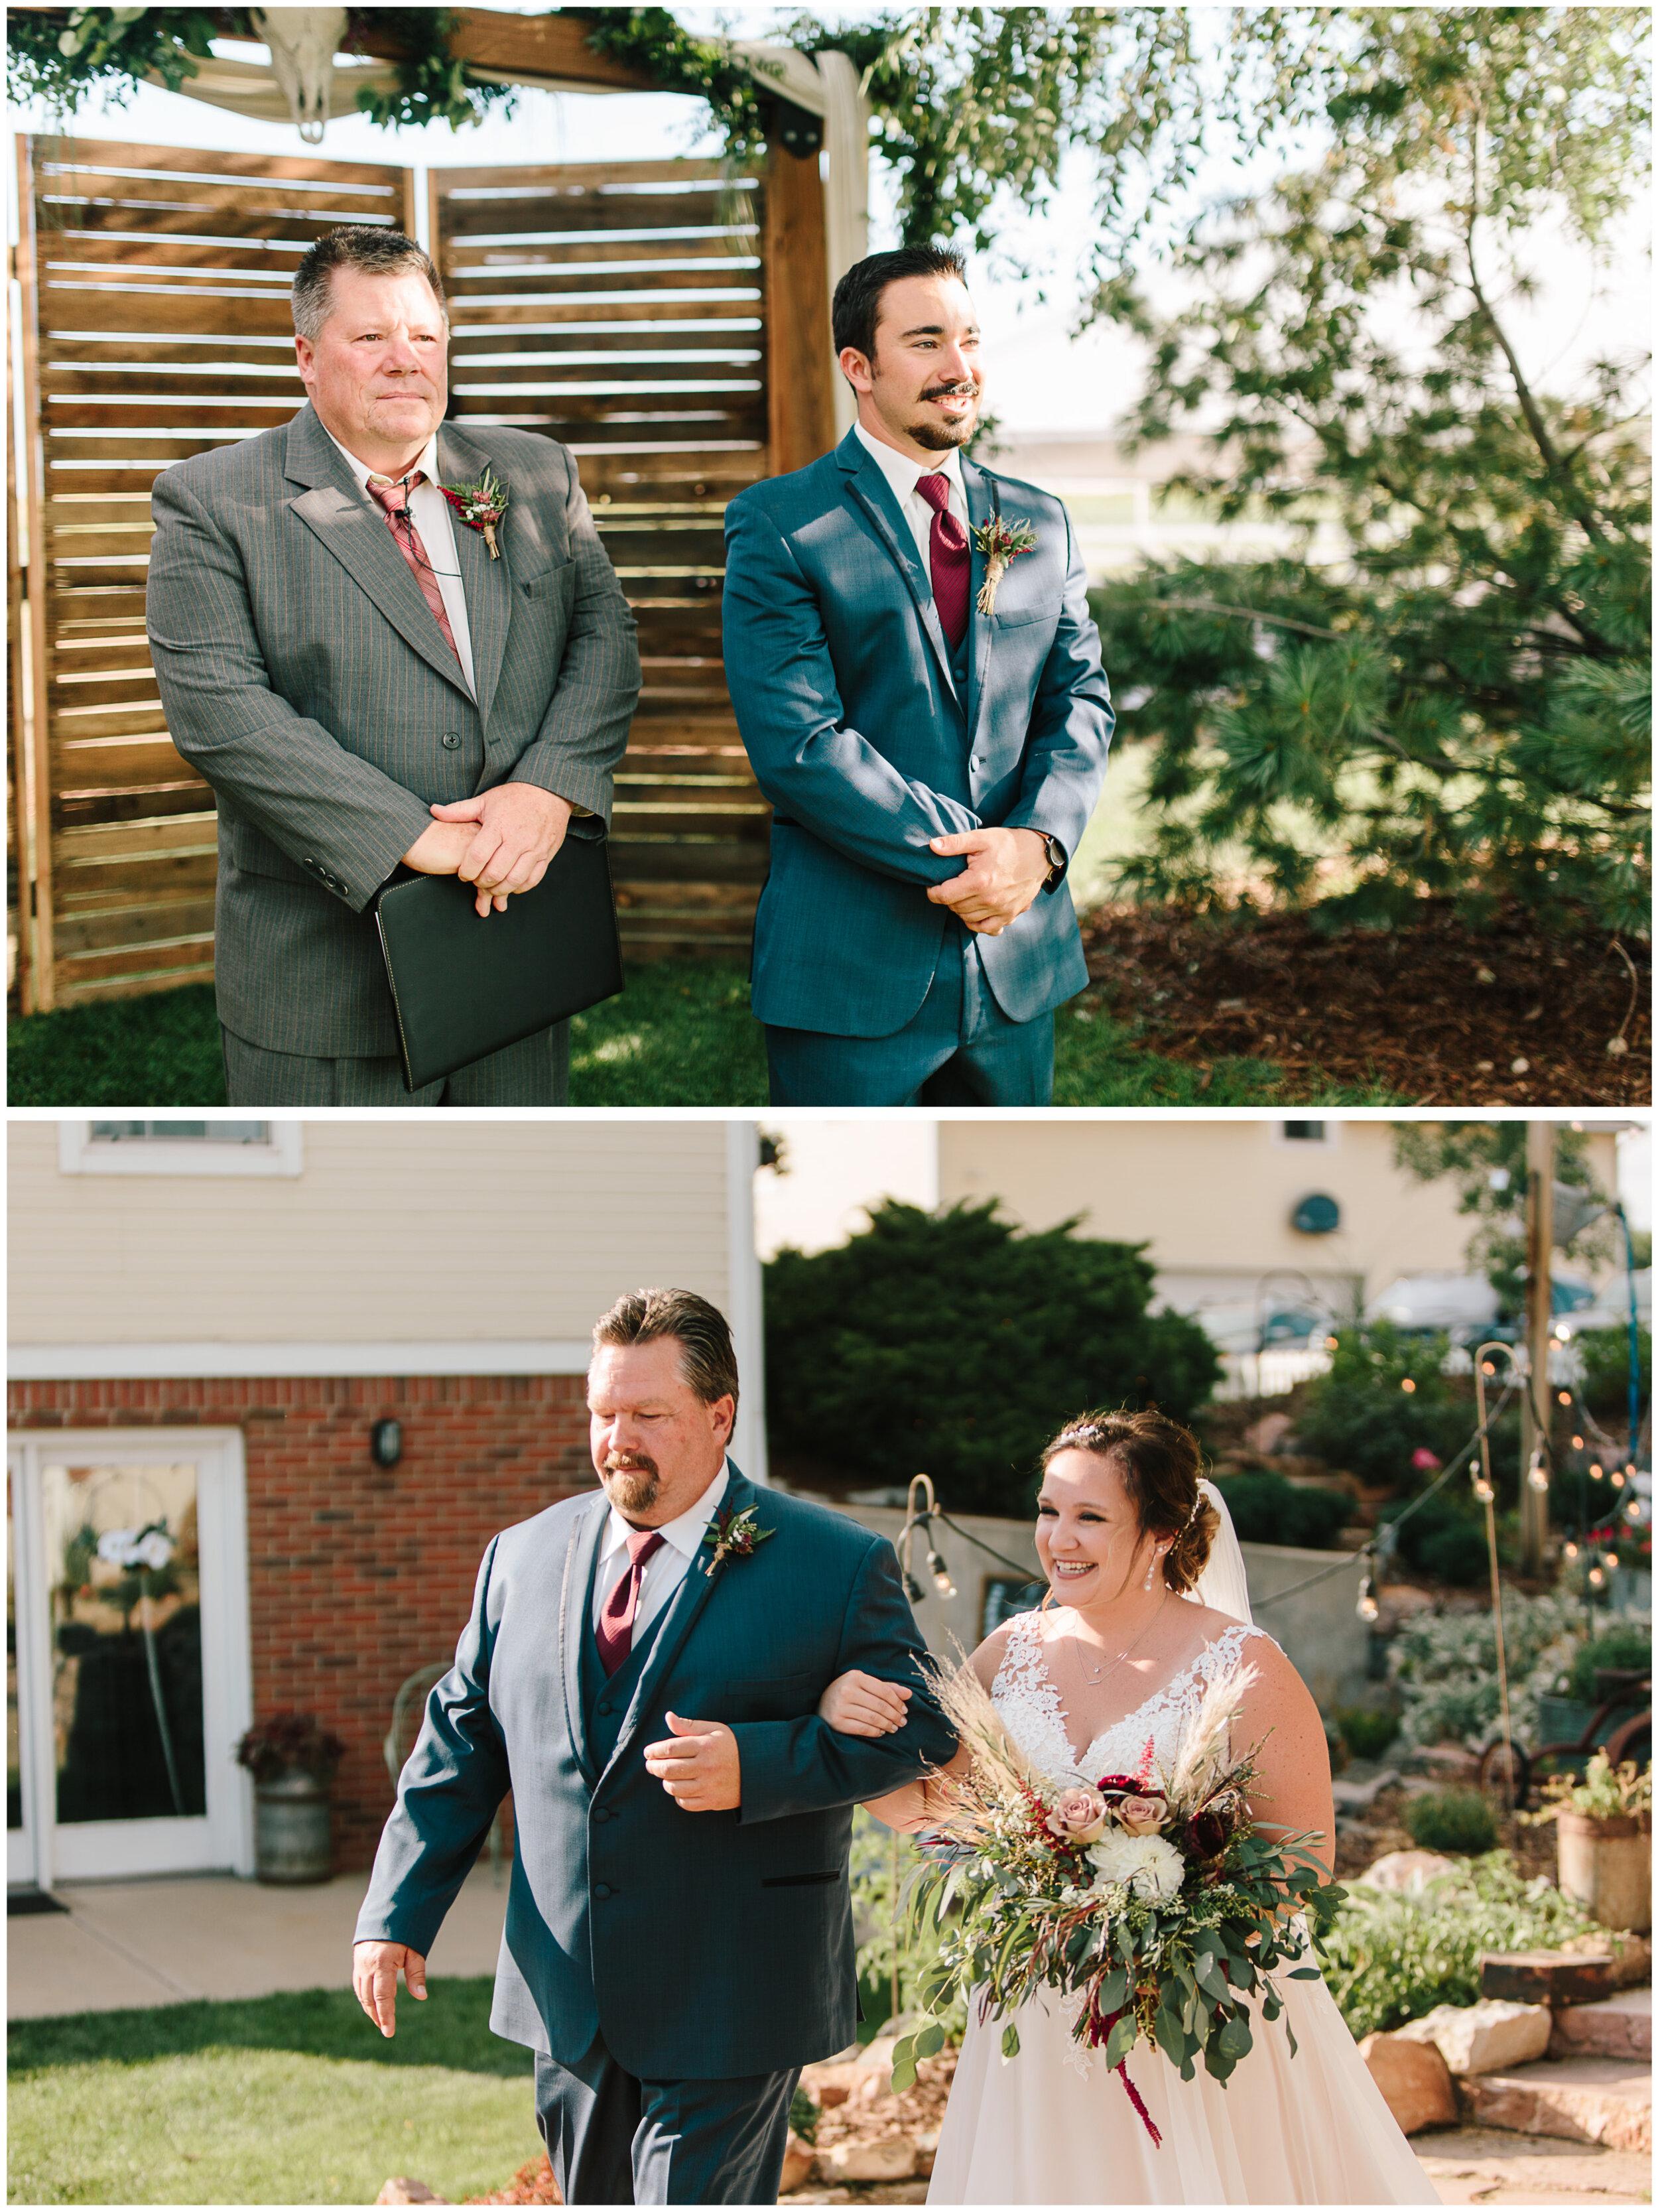 brighton_colorado_wedding_58.jpg